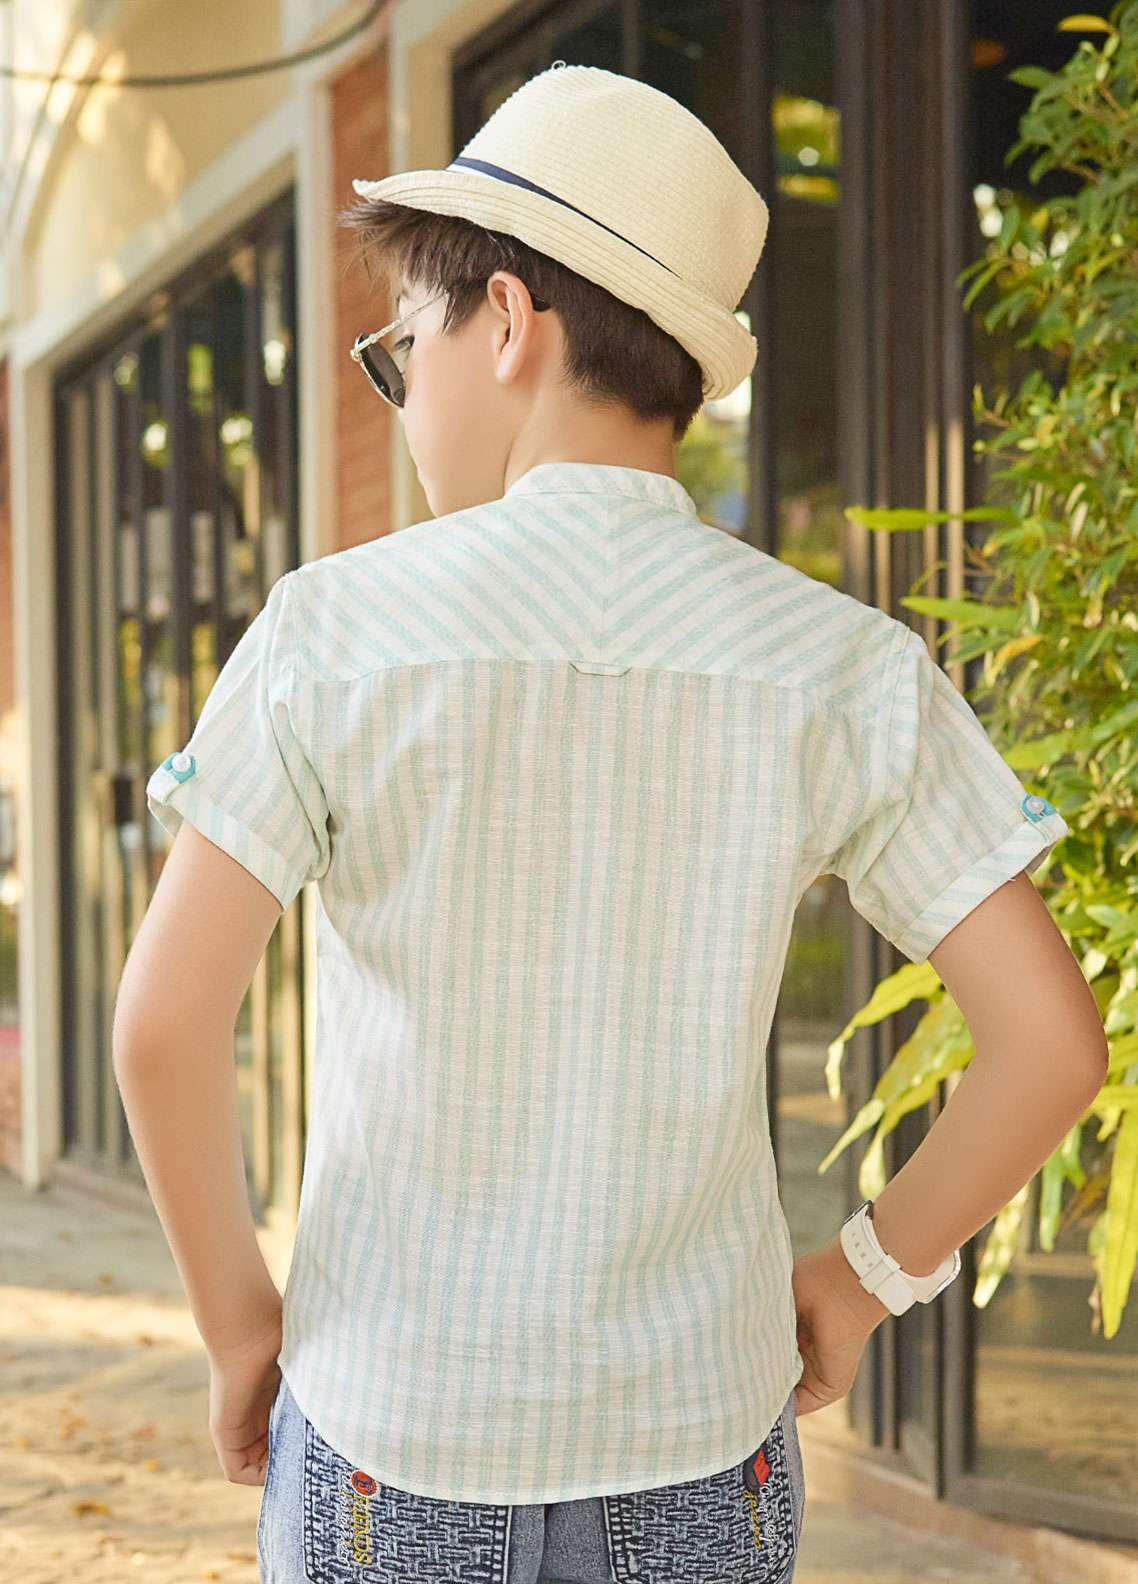 Edenrobe Cotton Casual Boys Shirts - Ice Green EBTS19-27213